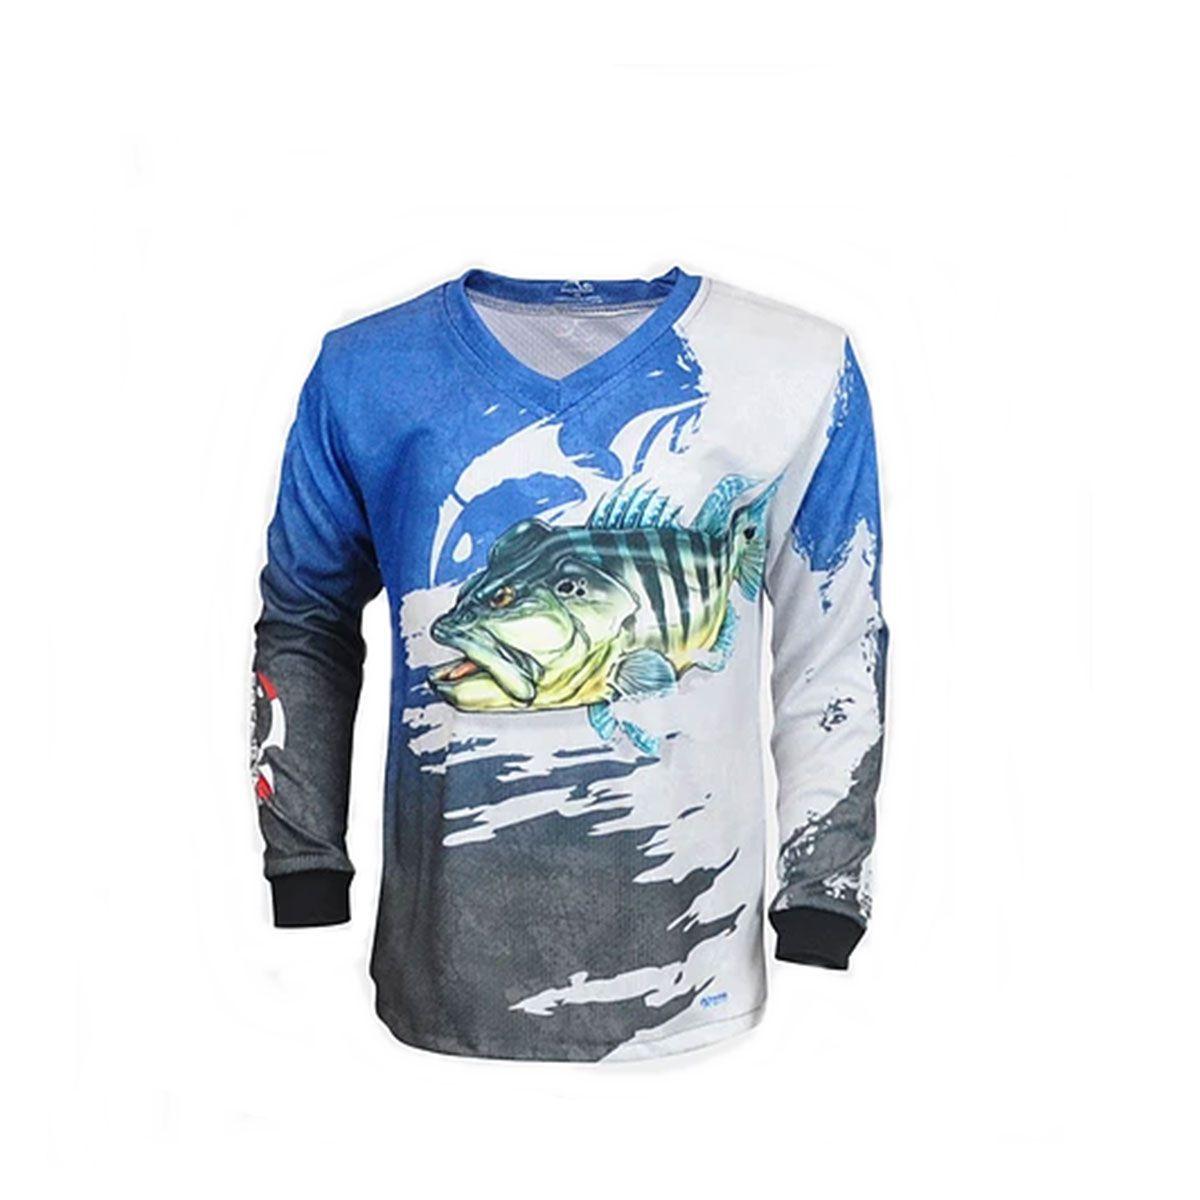 Camiseta Faca na Rede Evo Infantil Tucunaré Azul Extreme Dry